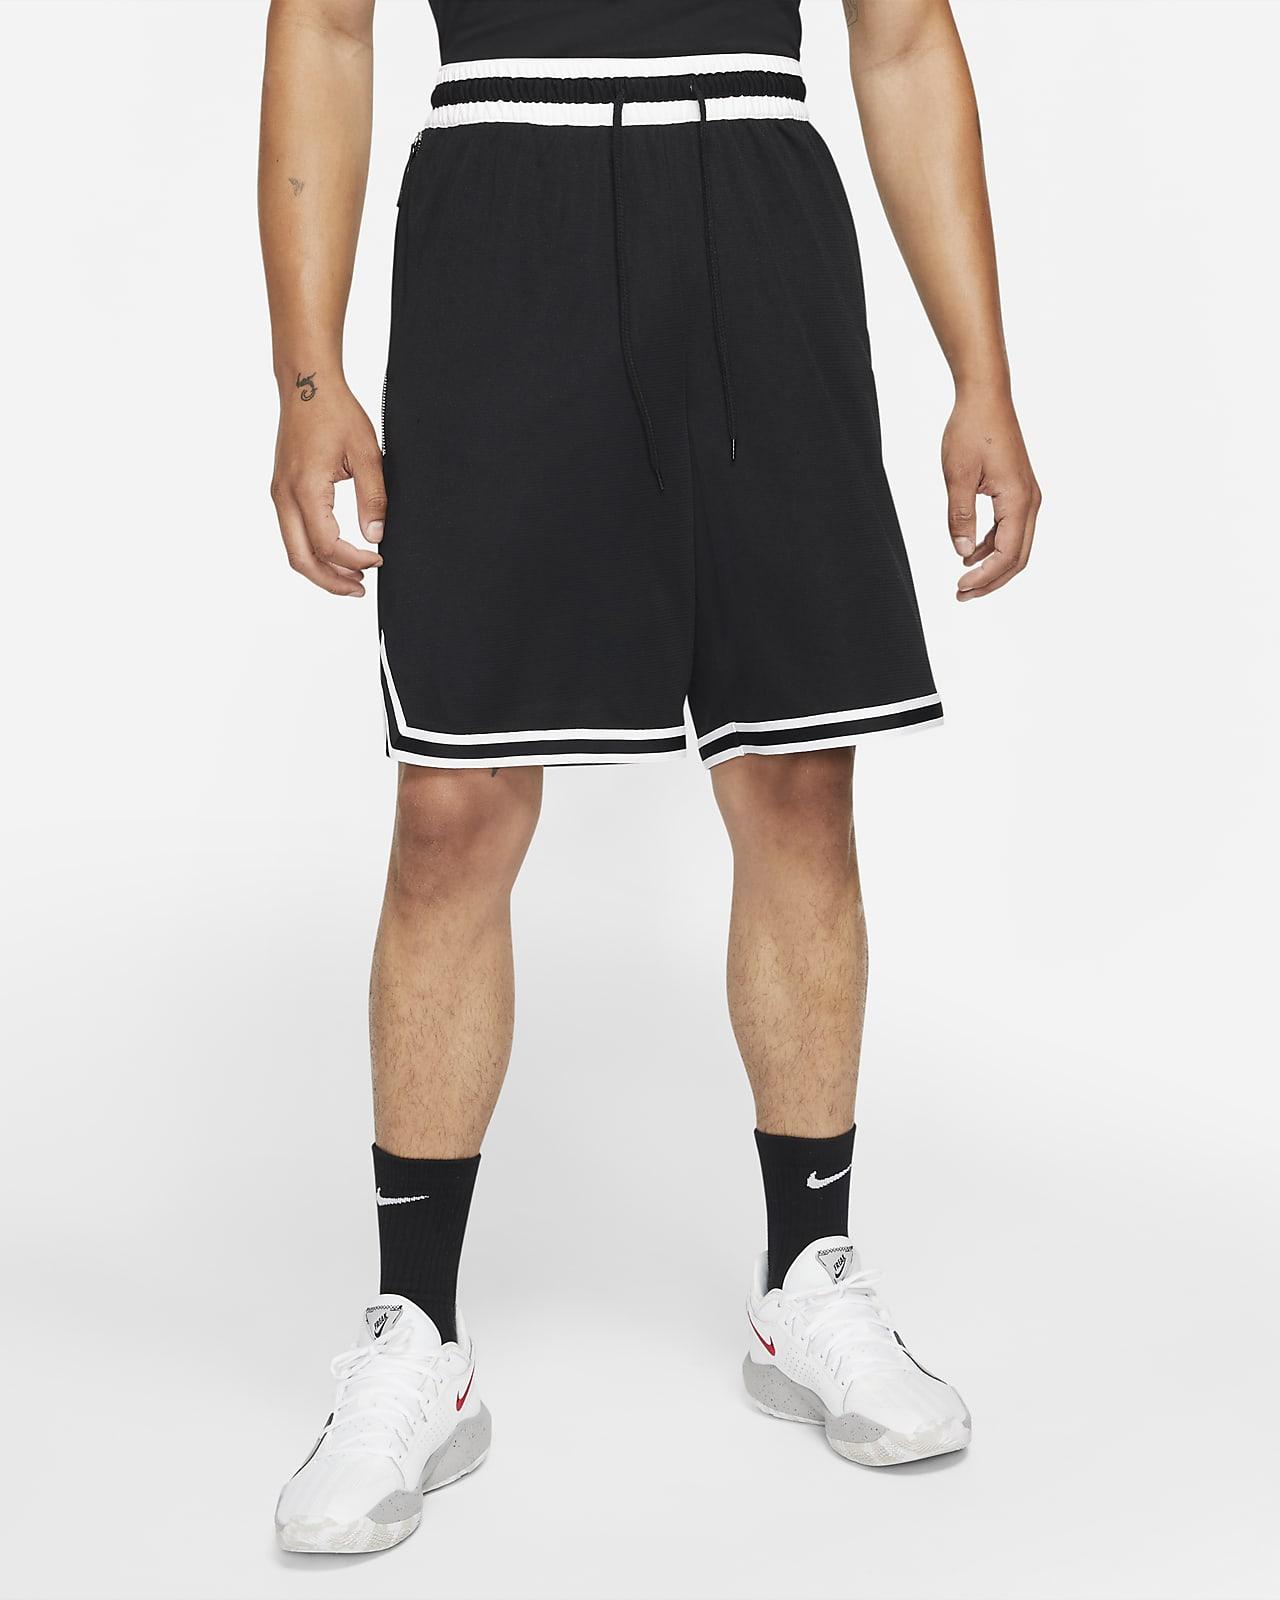 Nike Dri-FIT DNA 3.0 Erkek Basketbol Şortu